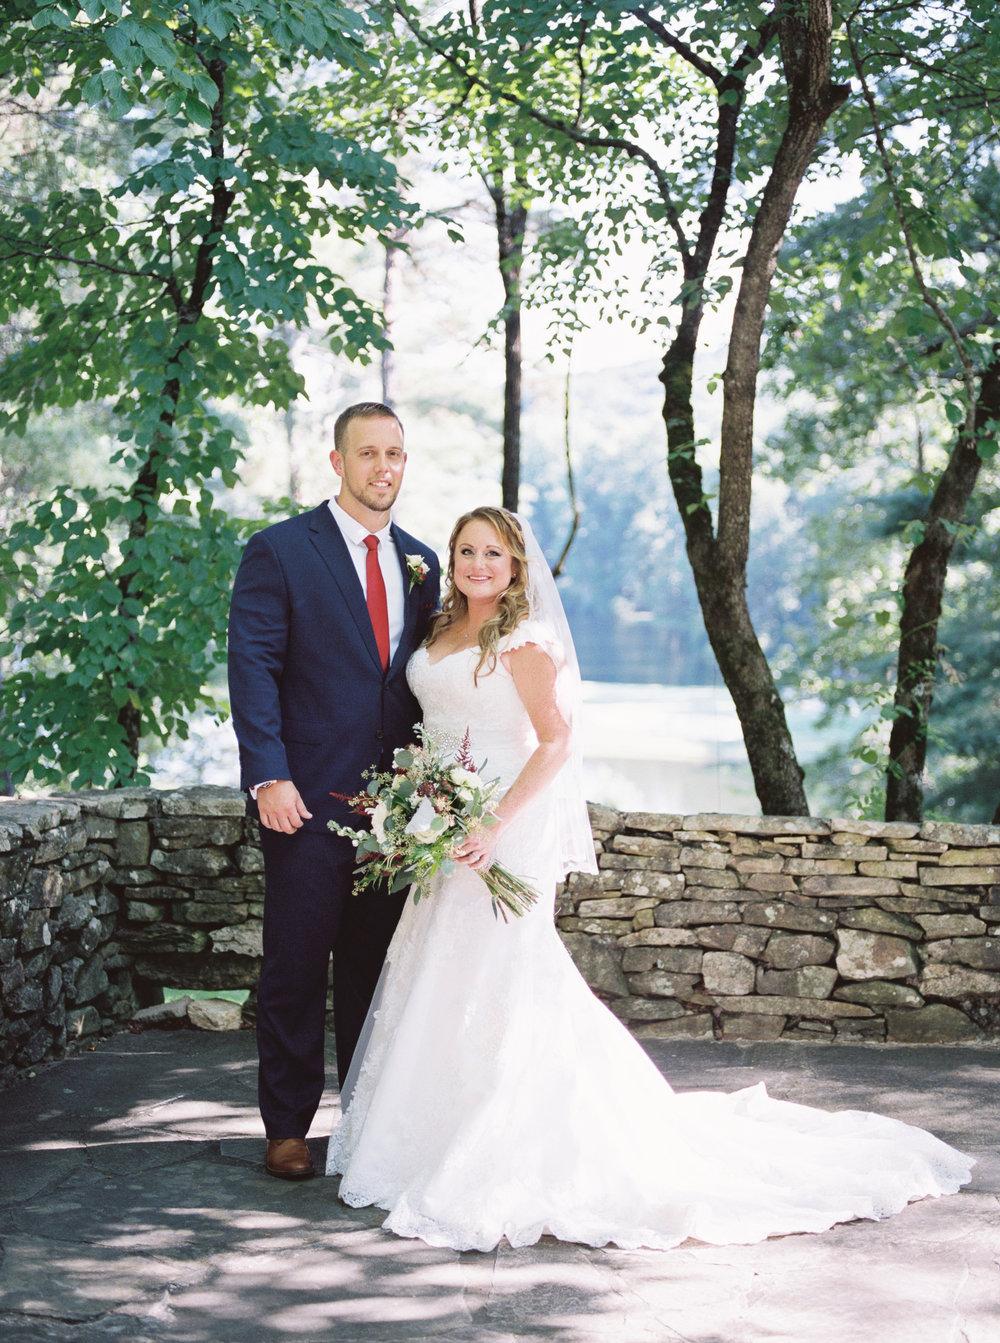 ashleybilly-wedding-ceremony-christinadavisphoto116.jpg